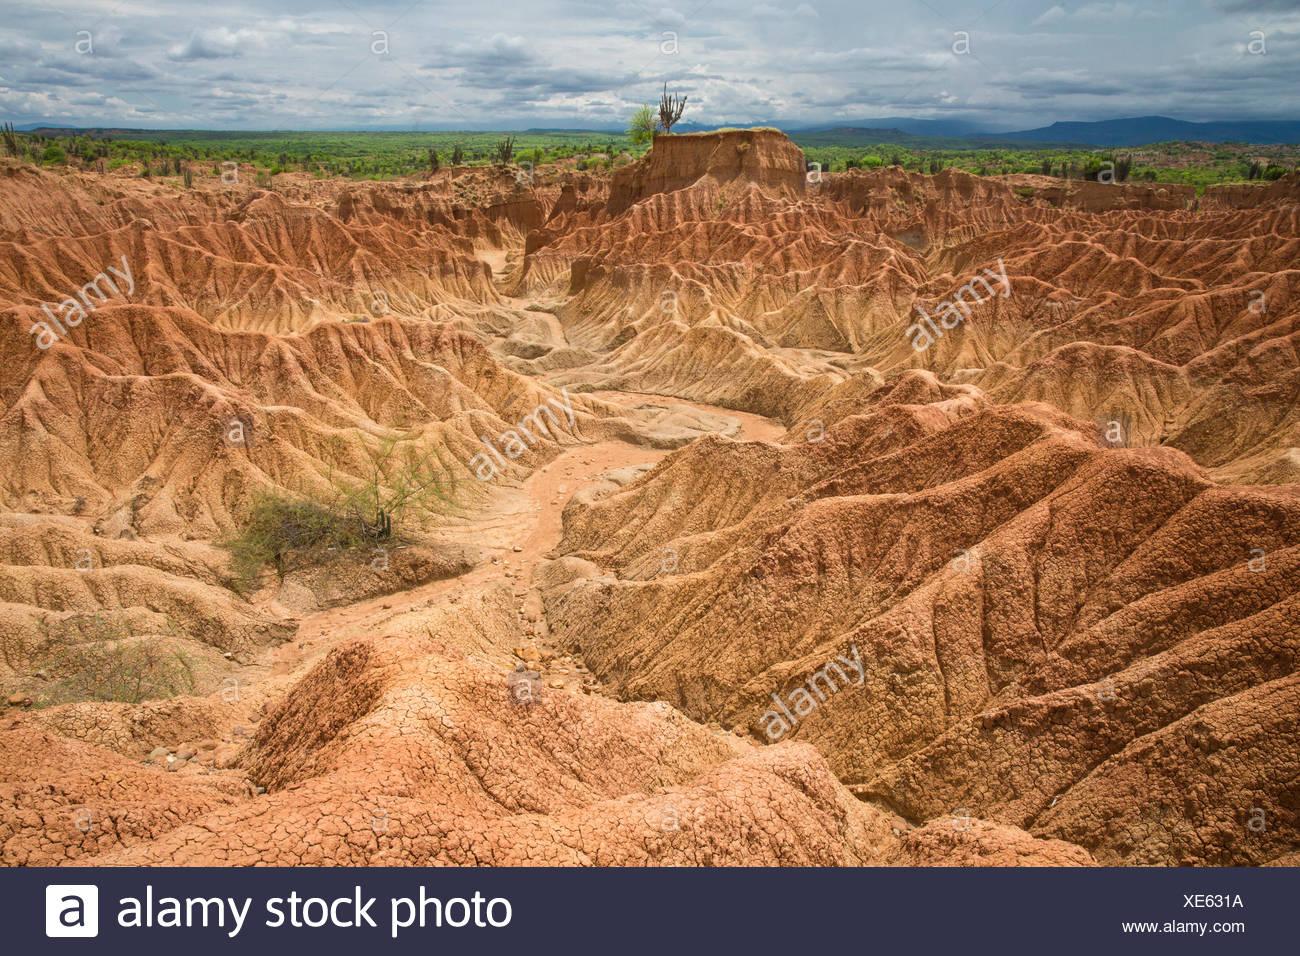 Amérique du Sud, Amérique latine, Colombie, nature, Tatacao, désert, des formations rocheuses, Huila, érosion, parc national, Photo Stock